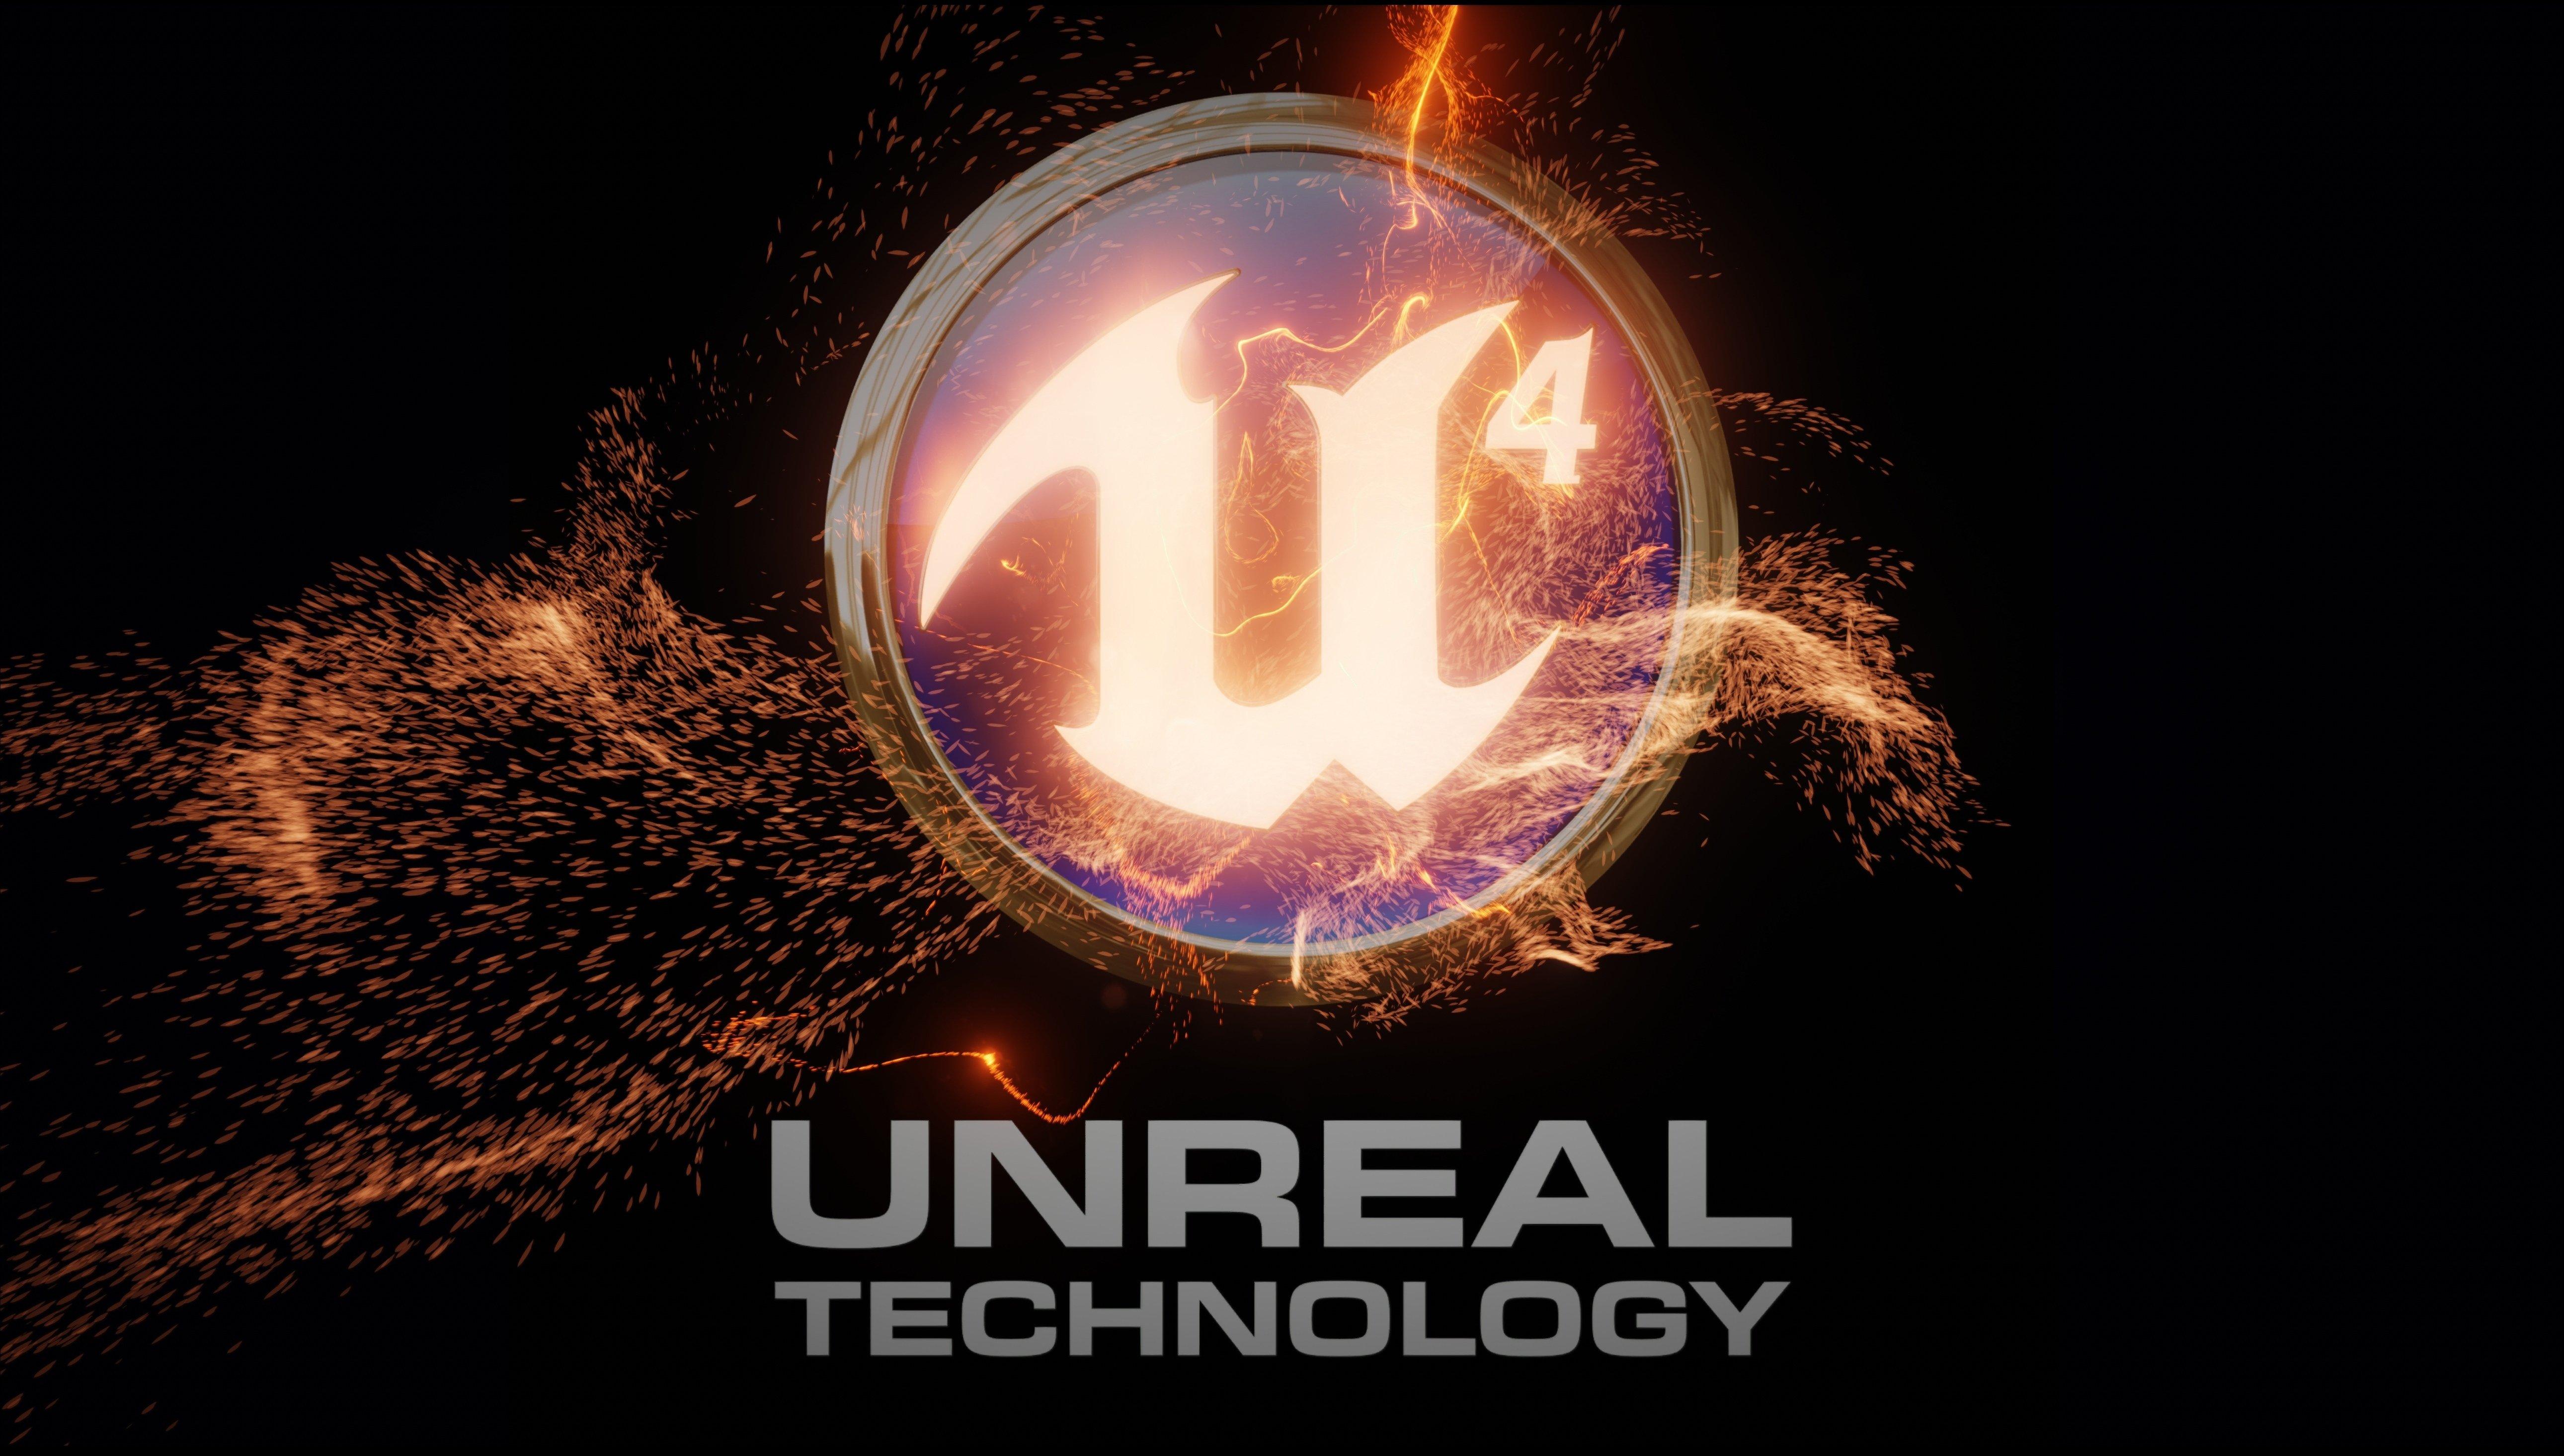 Демонстрация Unreal Engine 4 - мыльновато но красиво. - Изображение 1